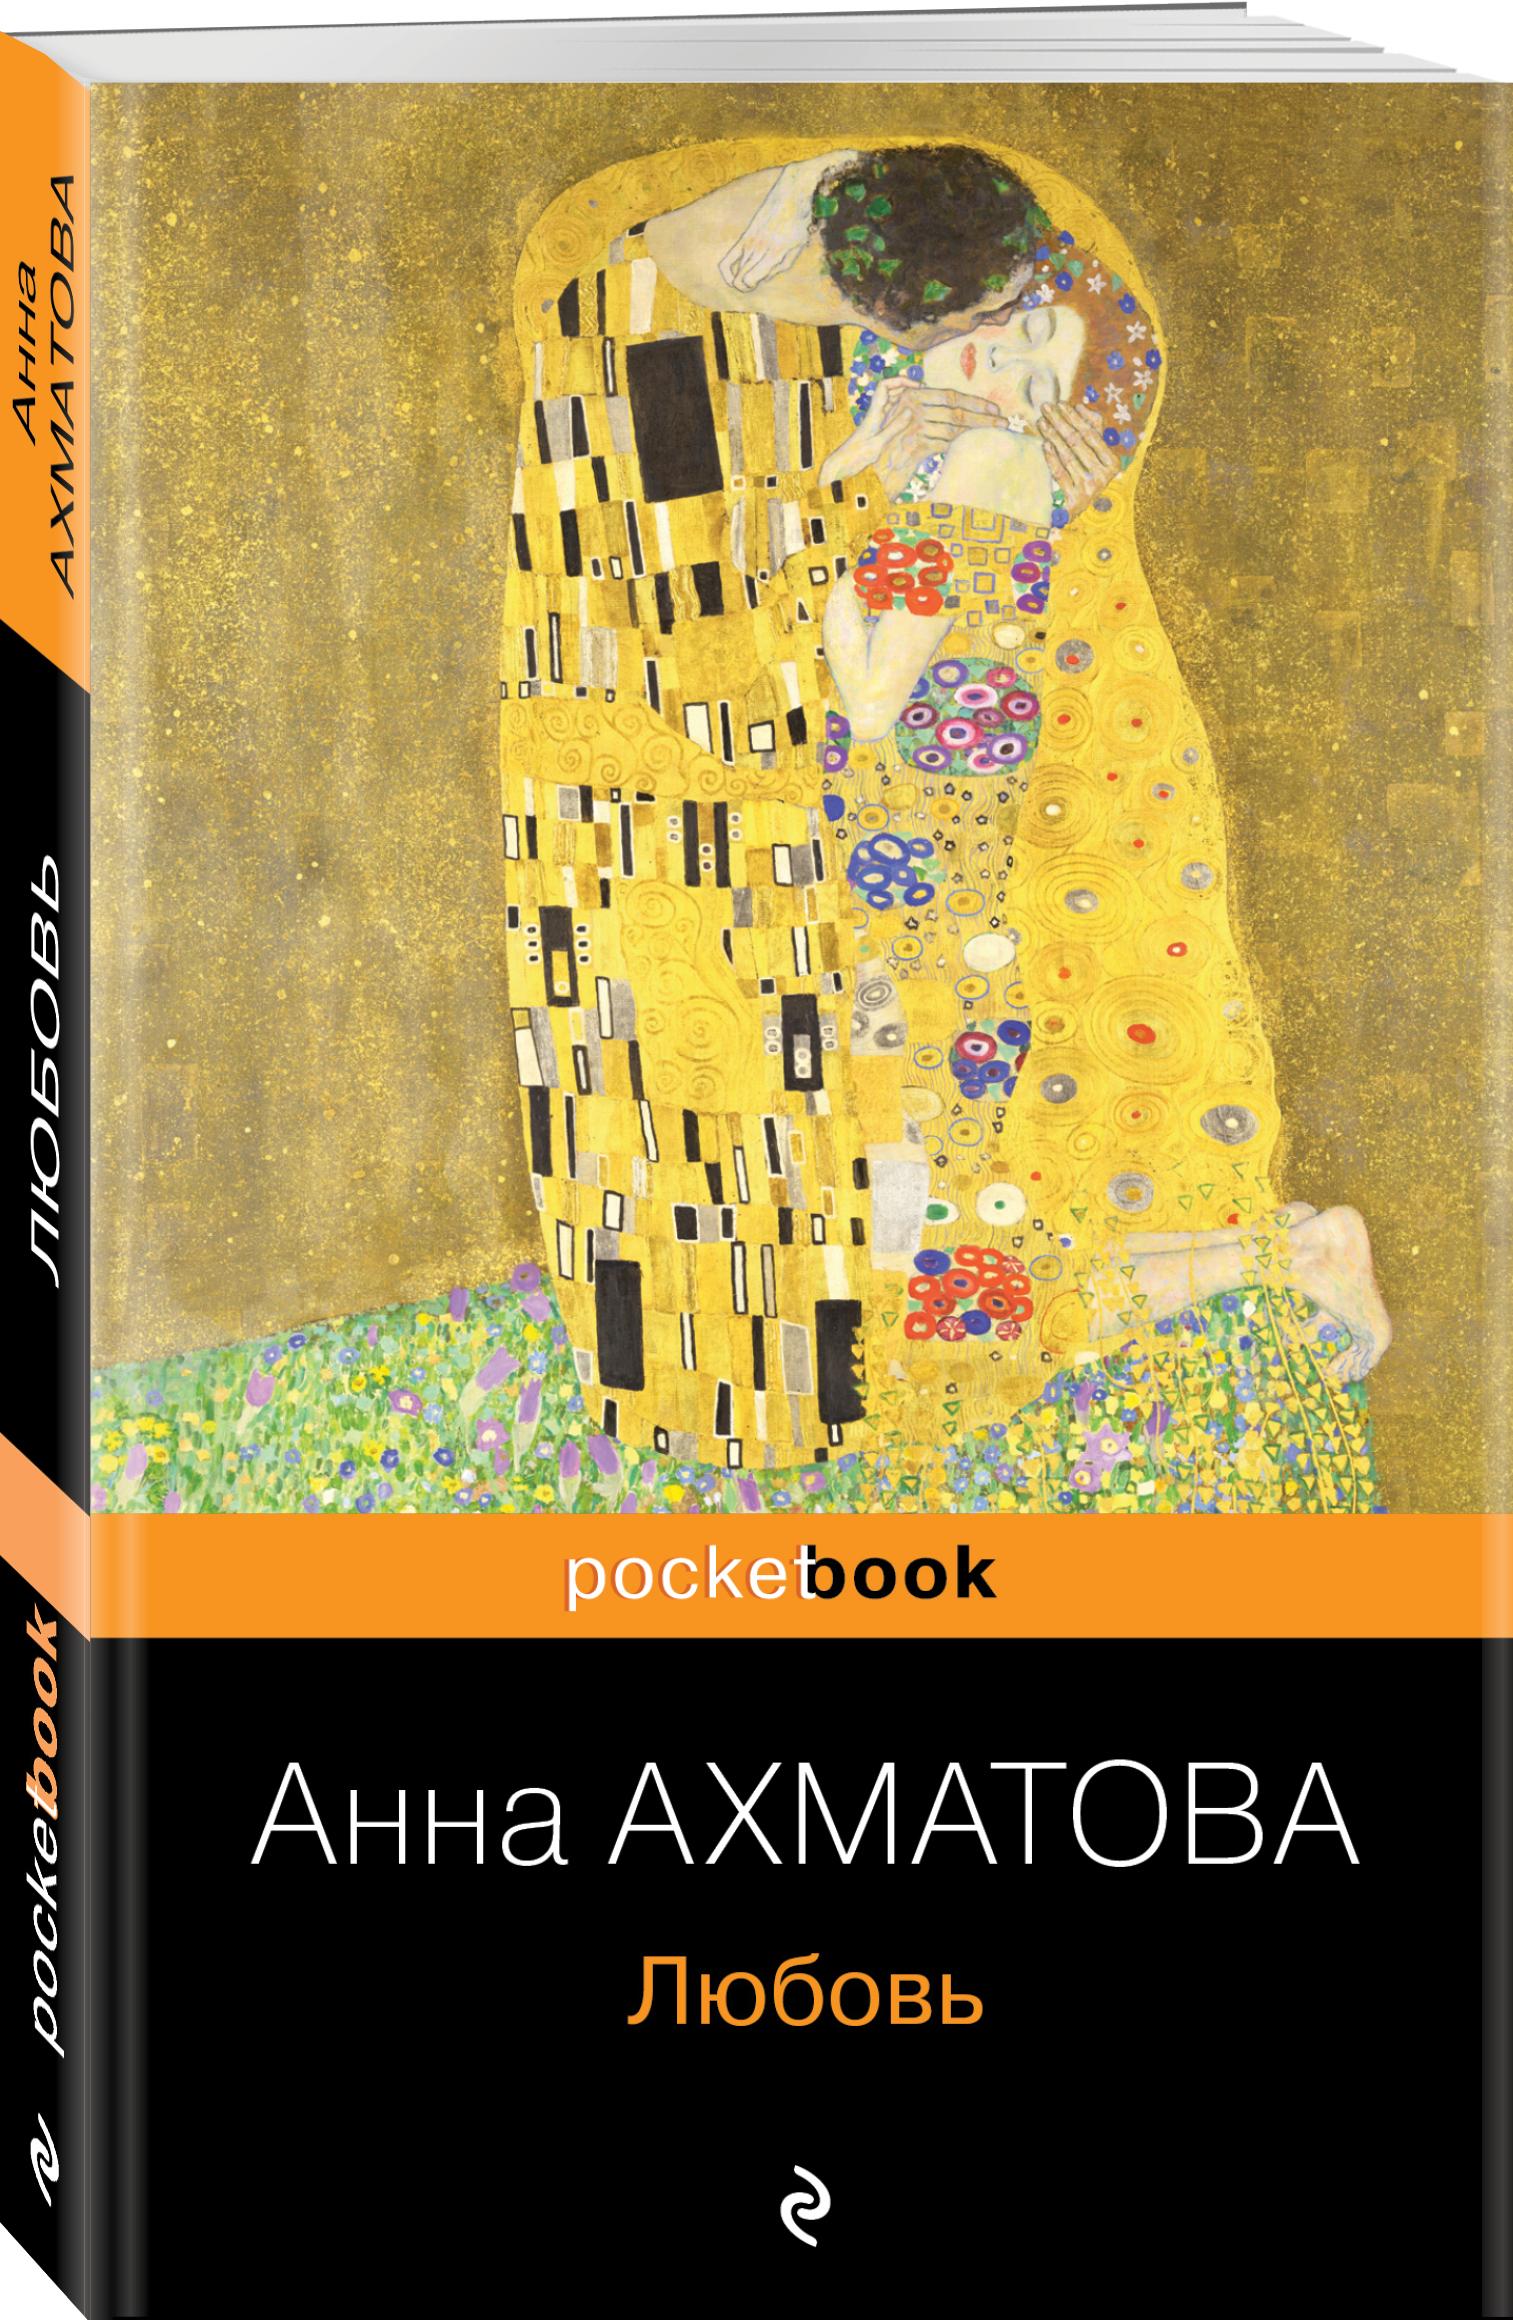 Ахматова А.А. Любовь из поэзии 20 х годов